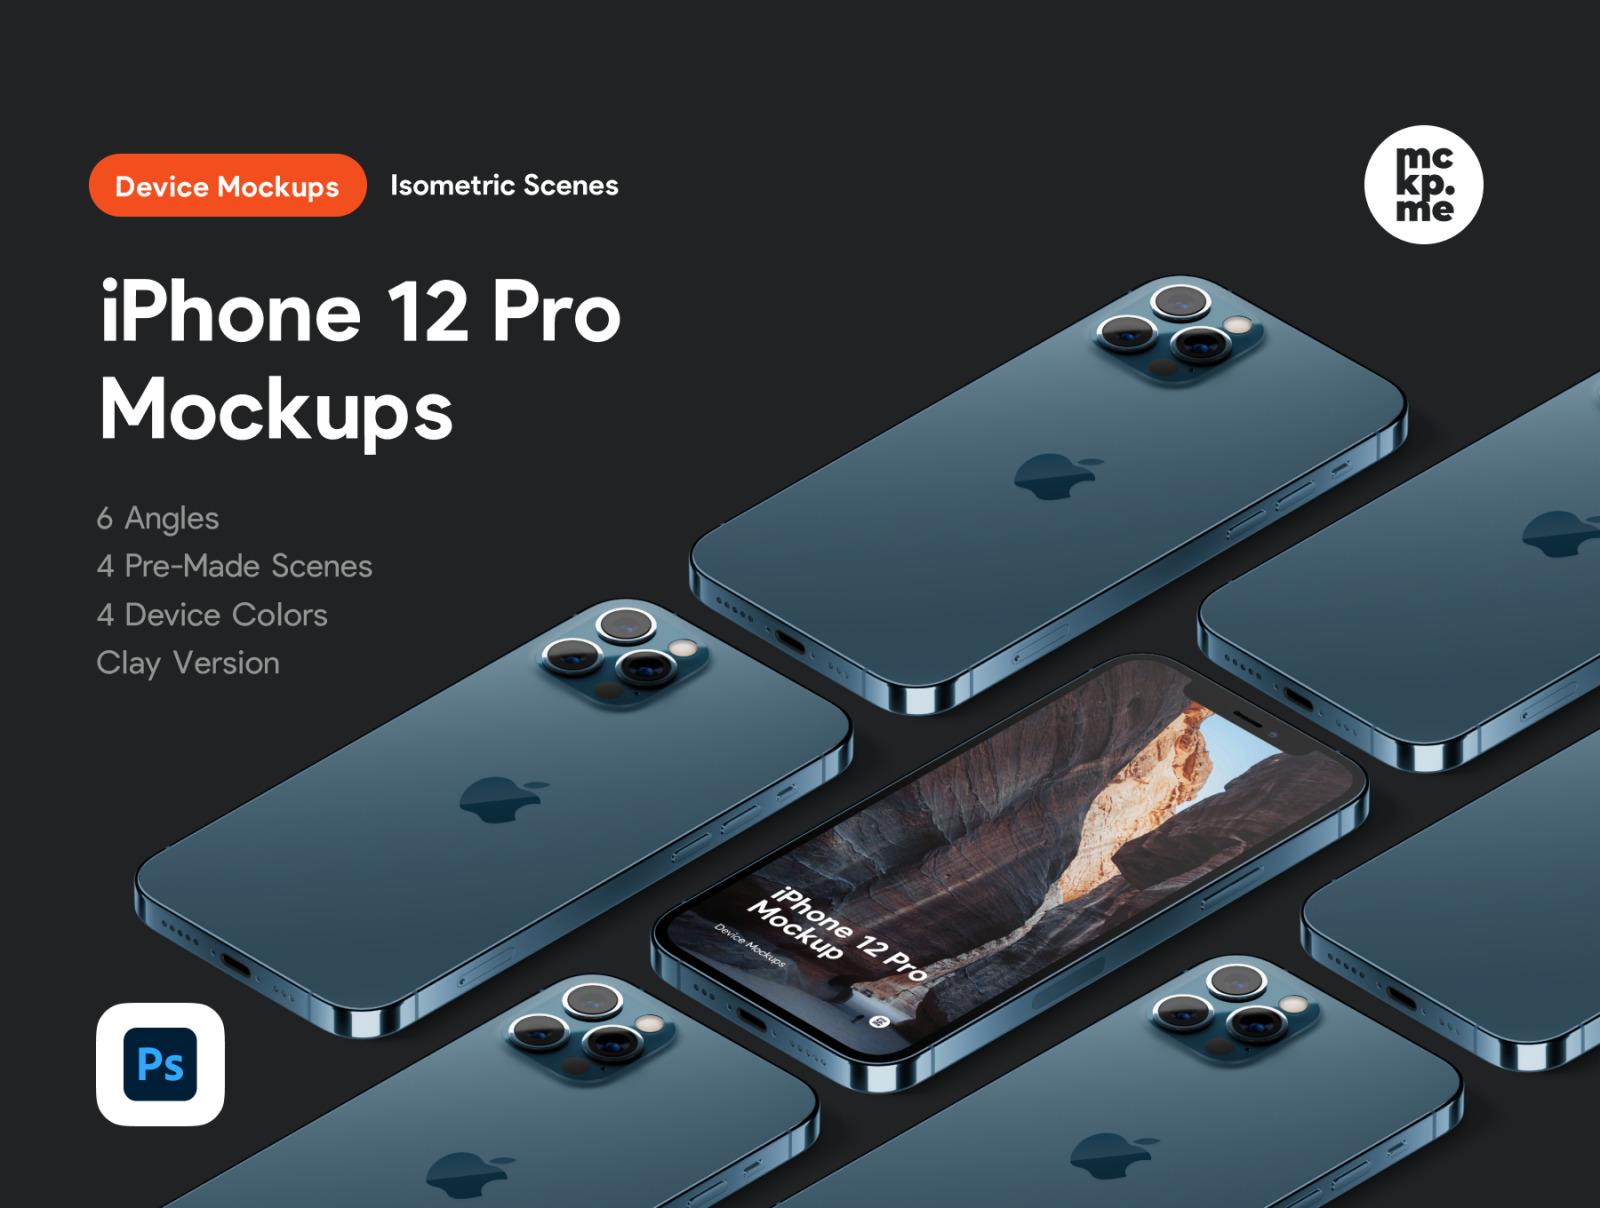 时尚等距苹果iPhone 12 Pro手机软件APP界面设计展示样机合集 iPhone 12 Pro Isometric Pack插图